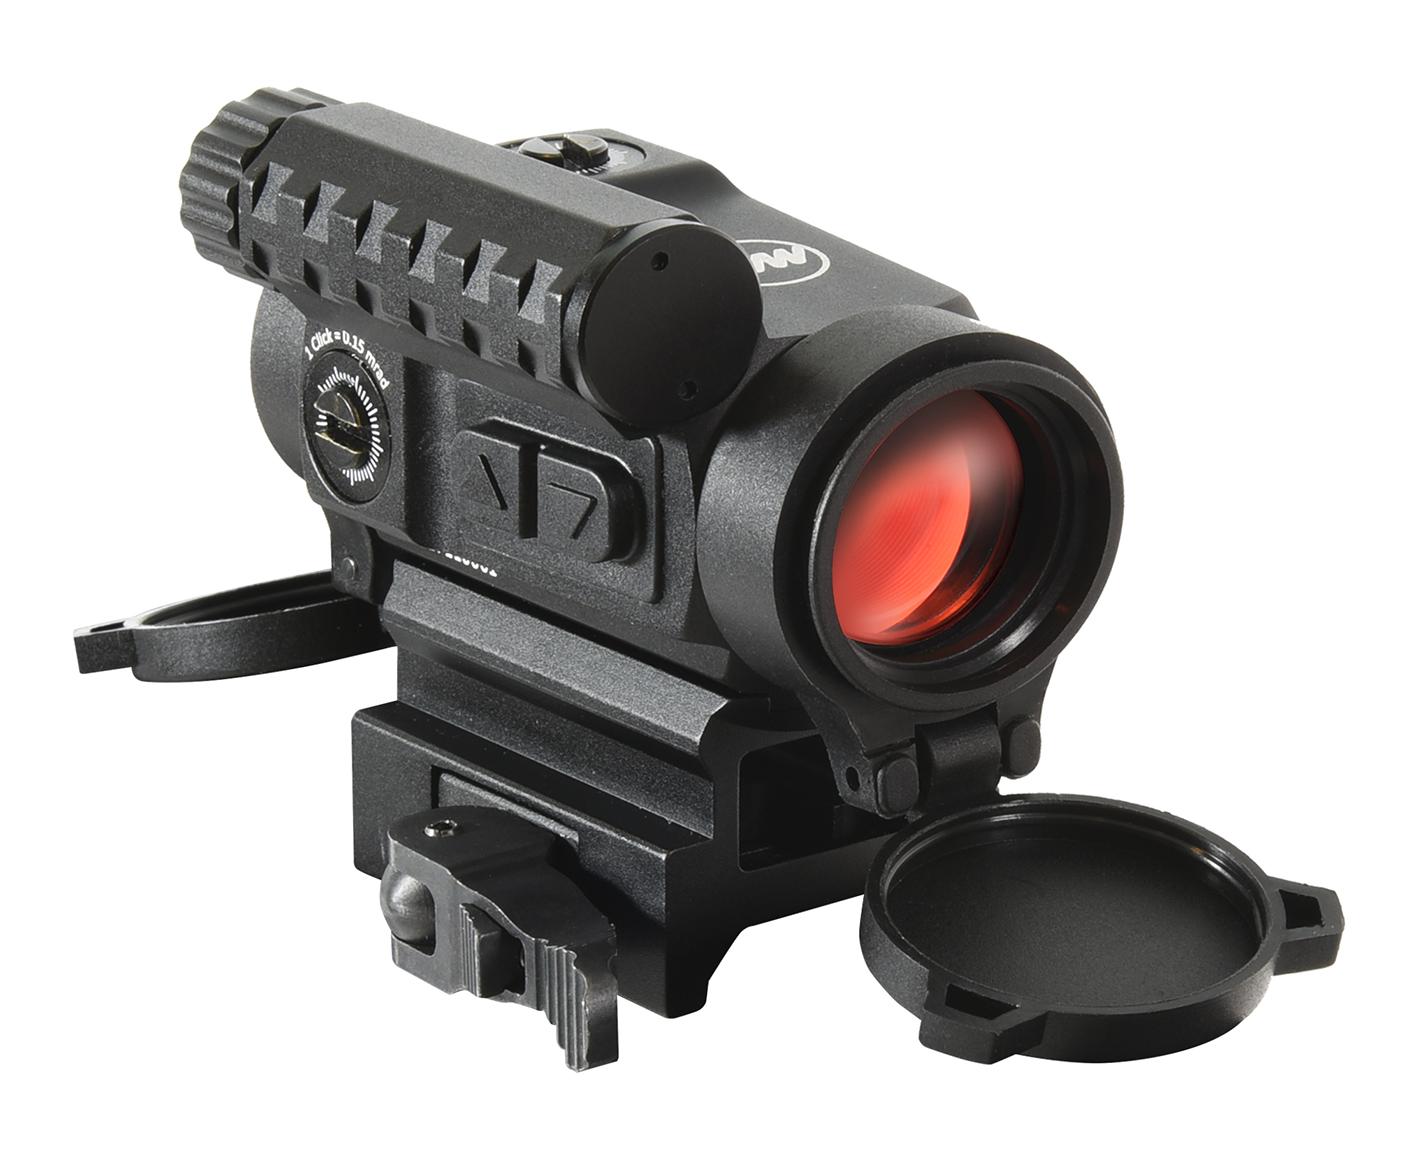 MAK MAKdot S 1x20 - Red Dot/Reflexvisier